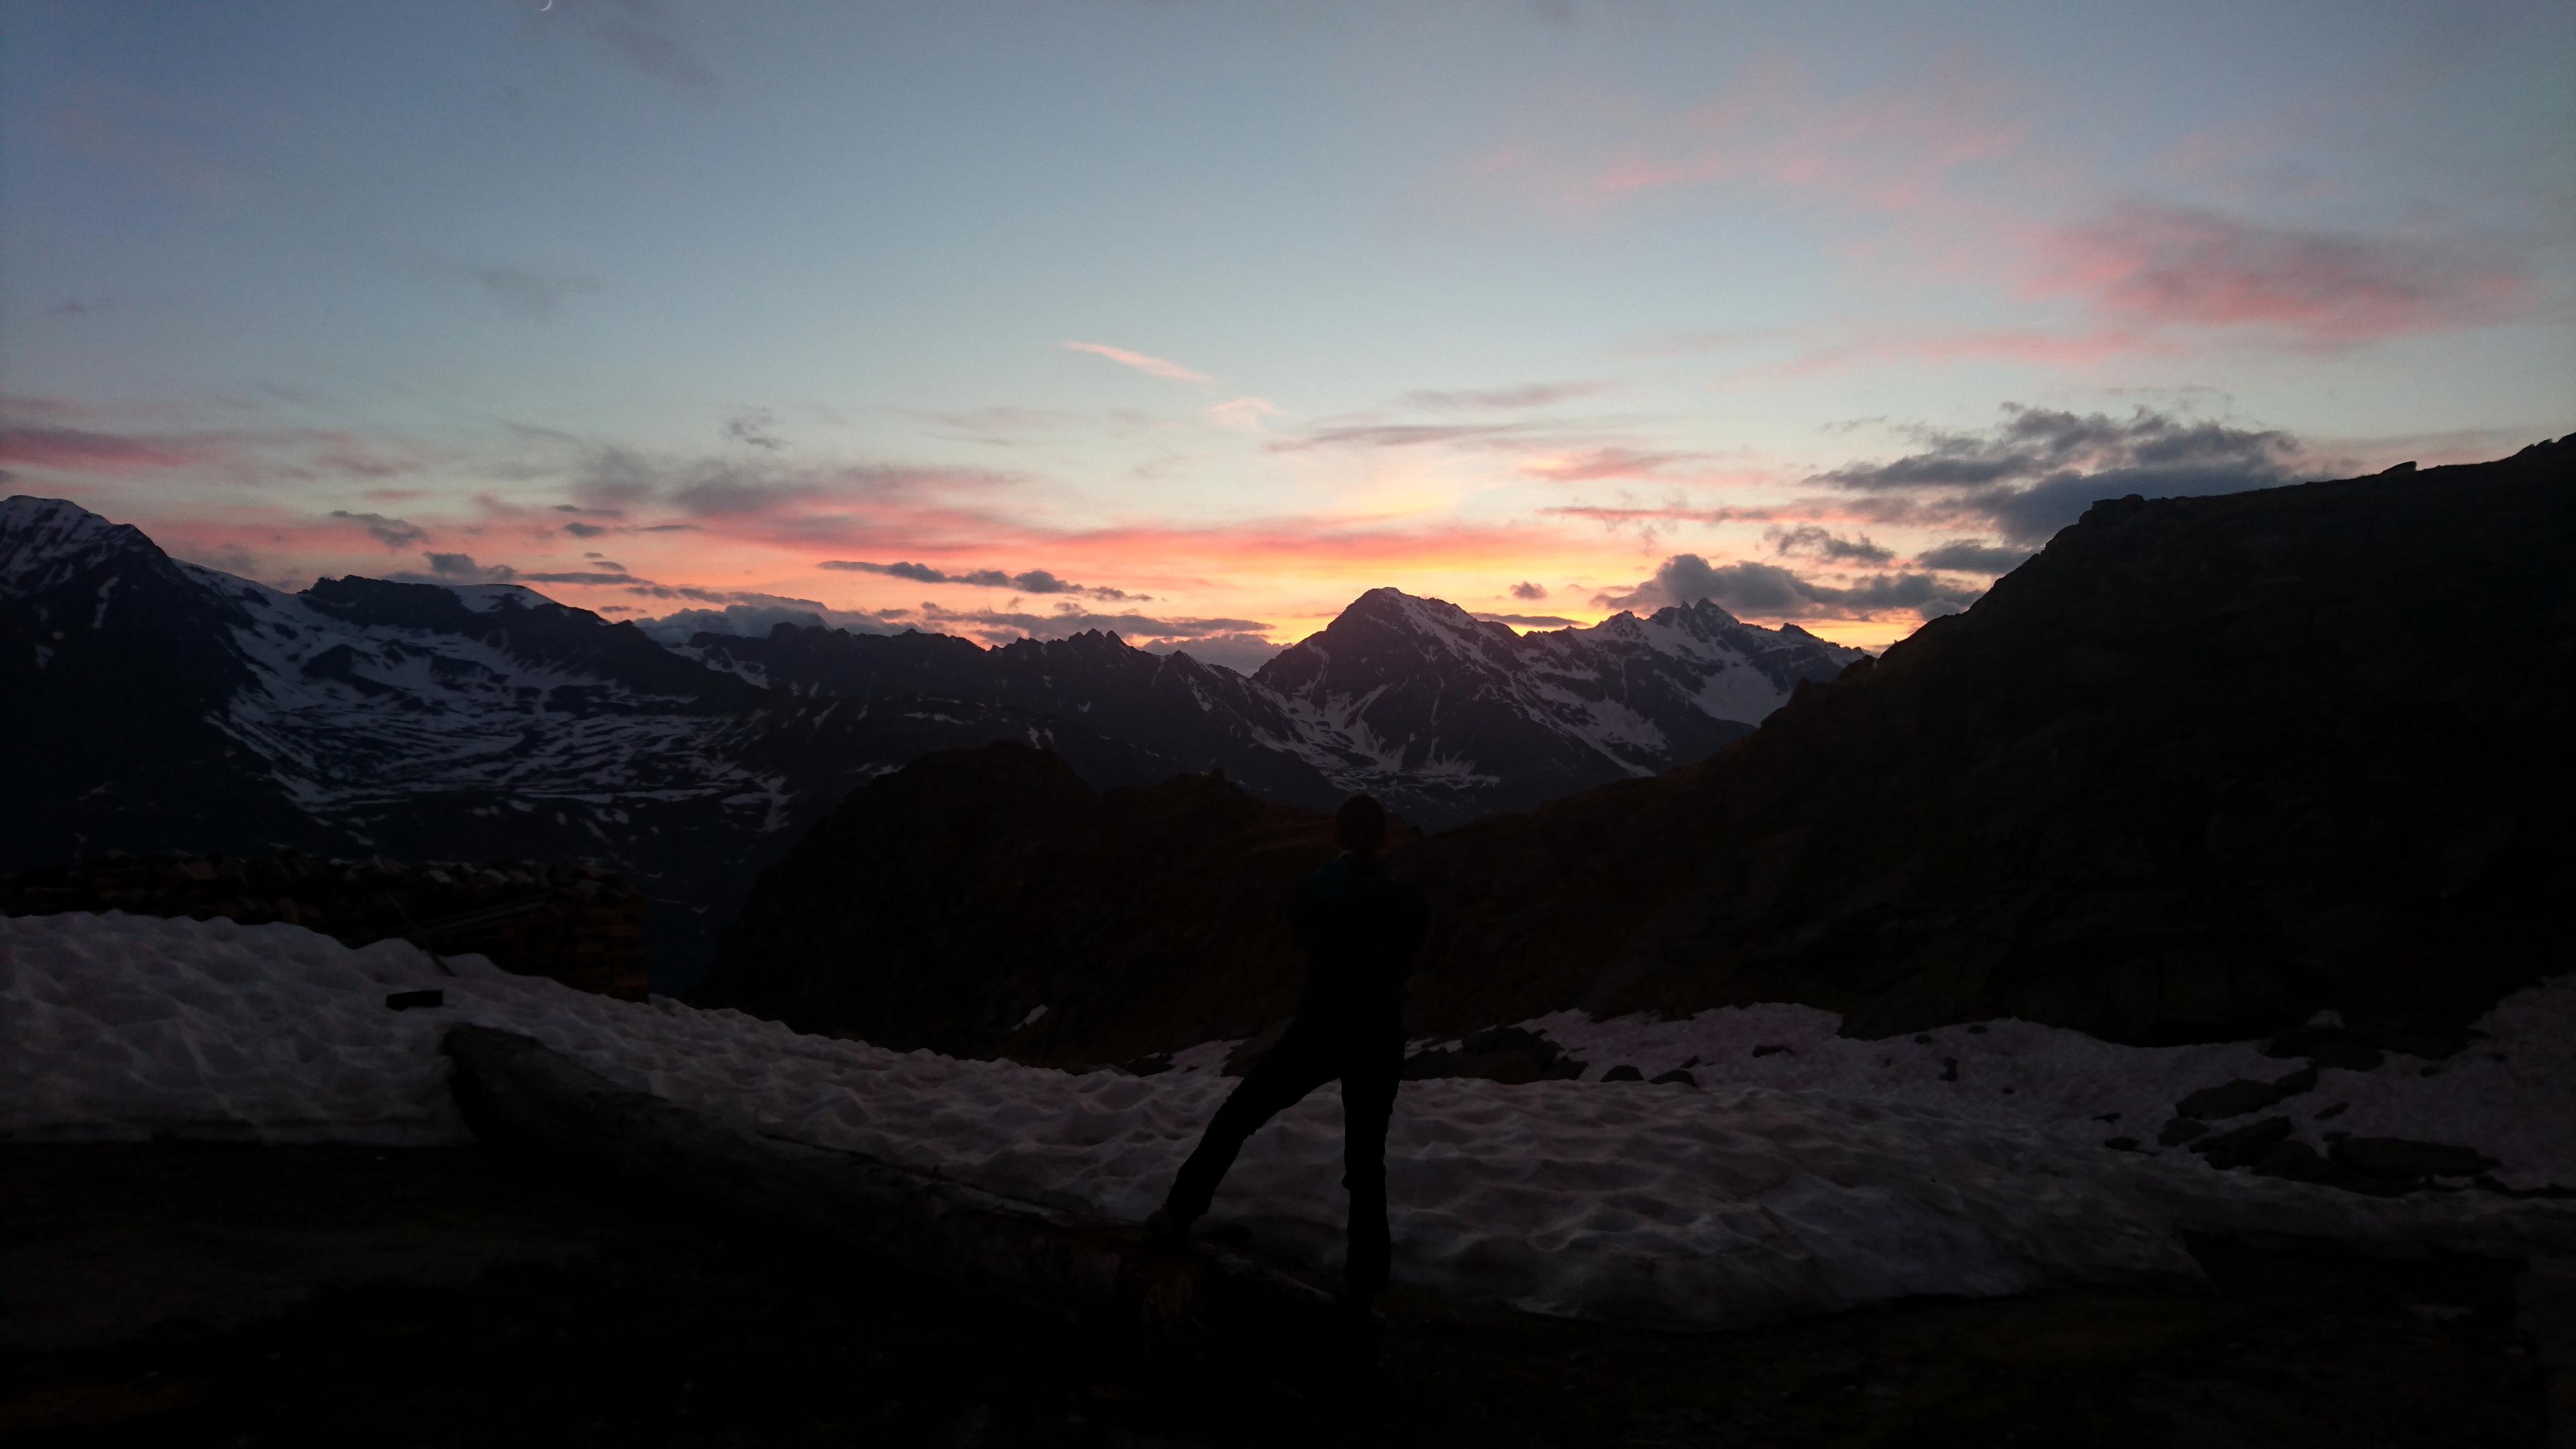 tramonto: il miglior digestivo del mondo